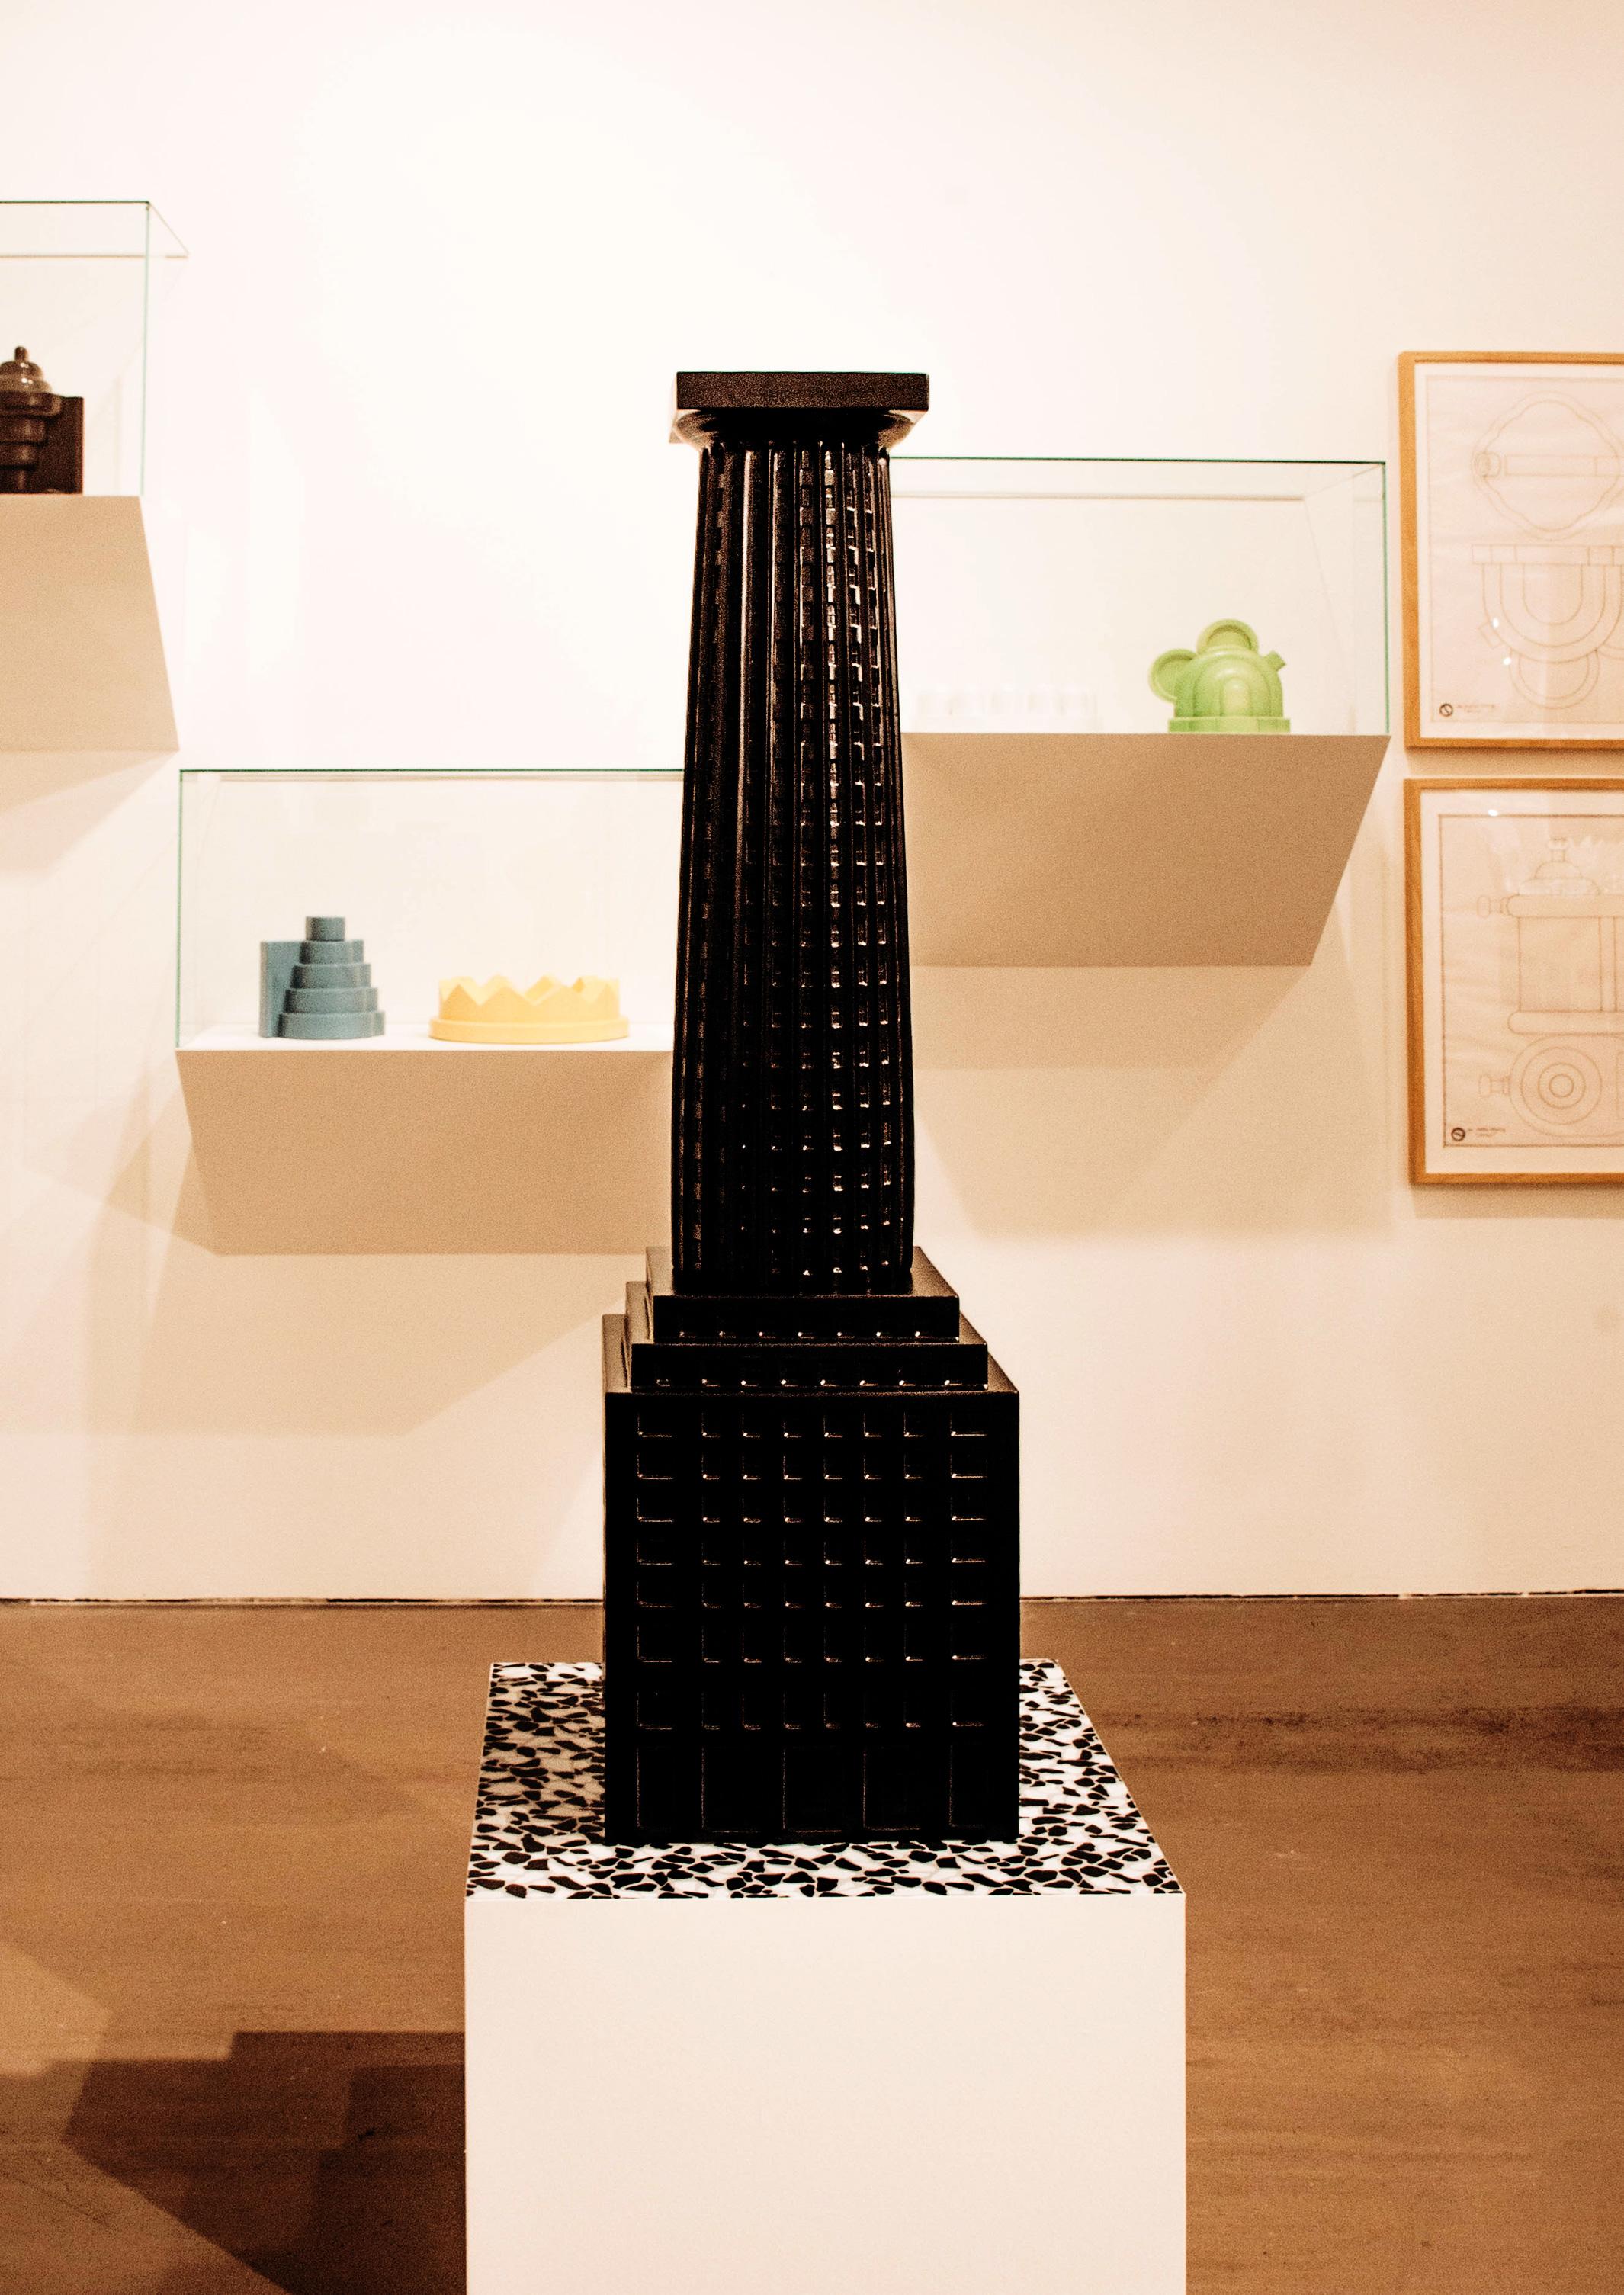 Marta-Museum Herford, Rebellische Pracht- Design Punk statt Bauhaus